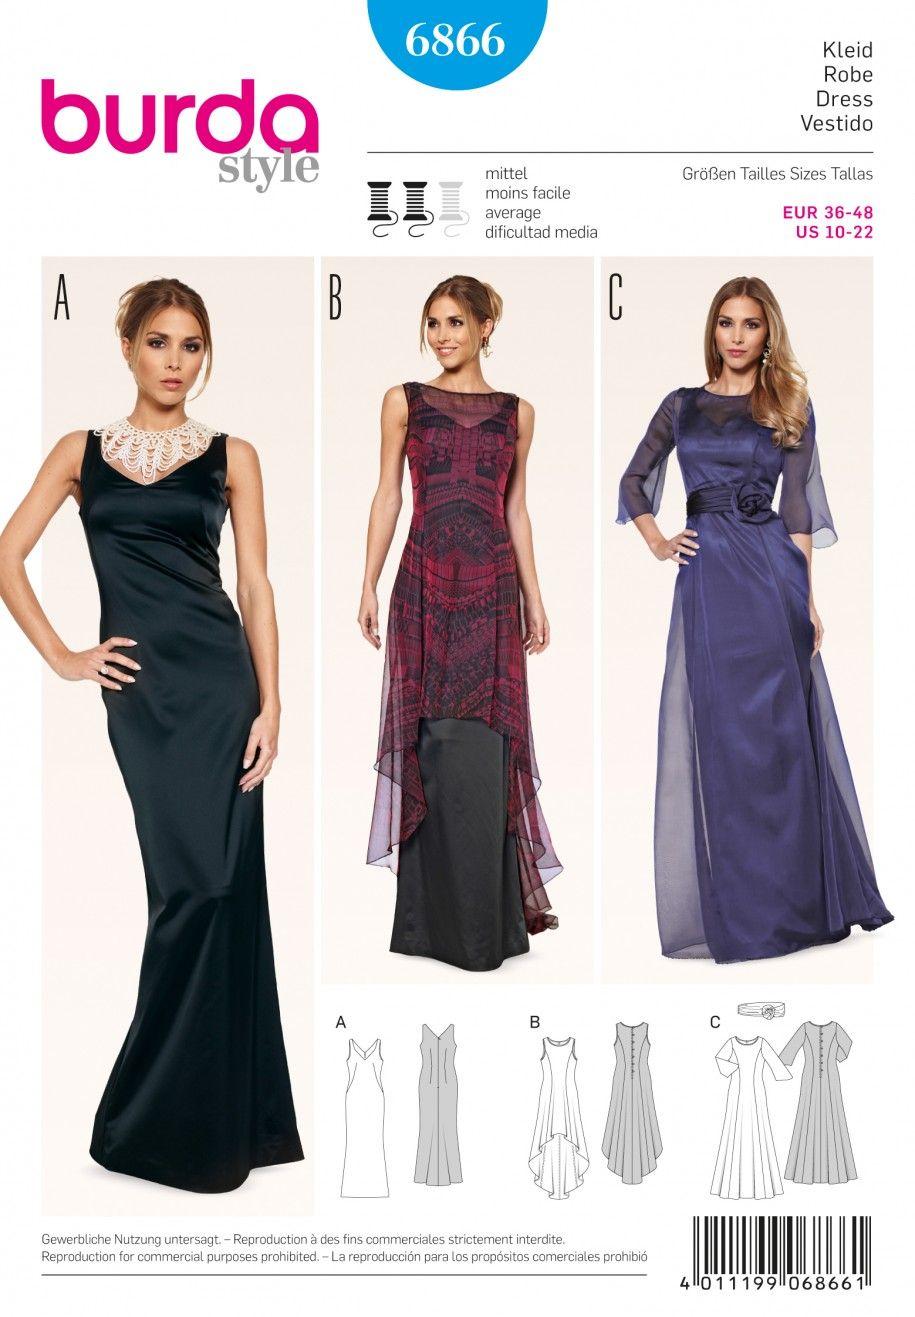 Burda B6866 Burda B6866 burda style evening & bridal wear